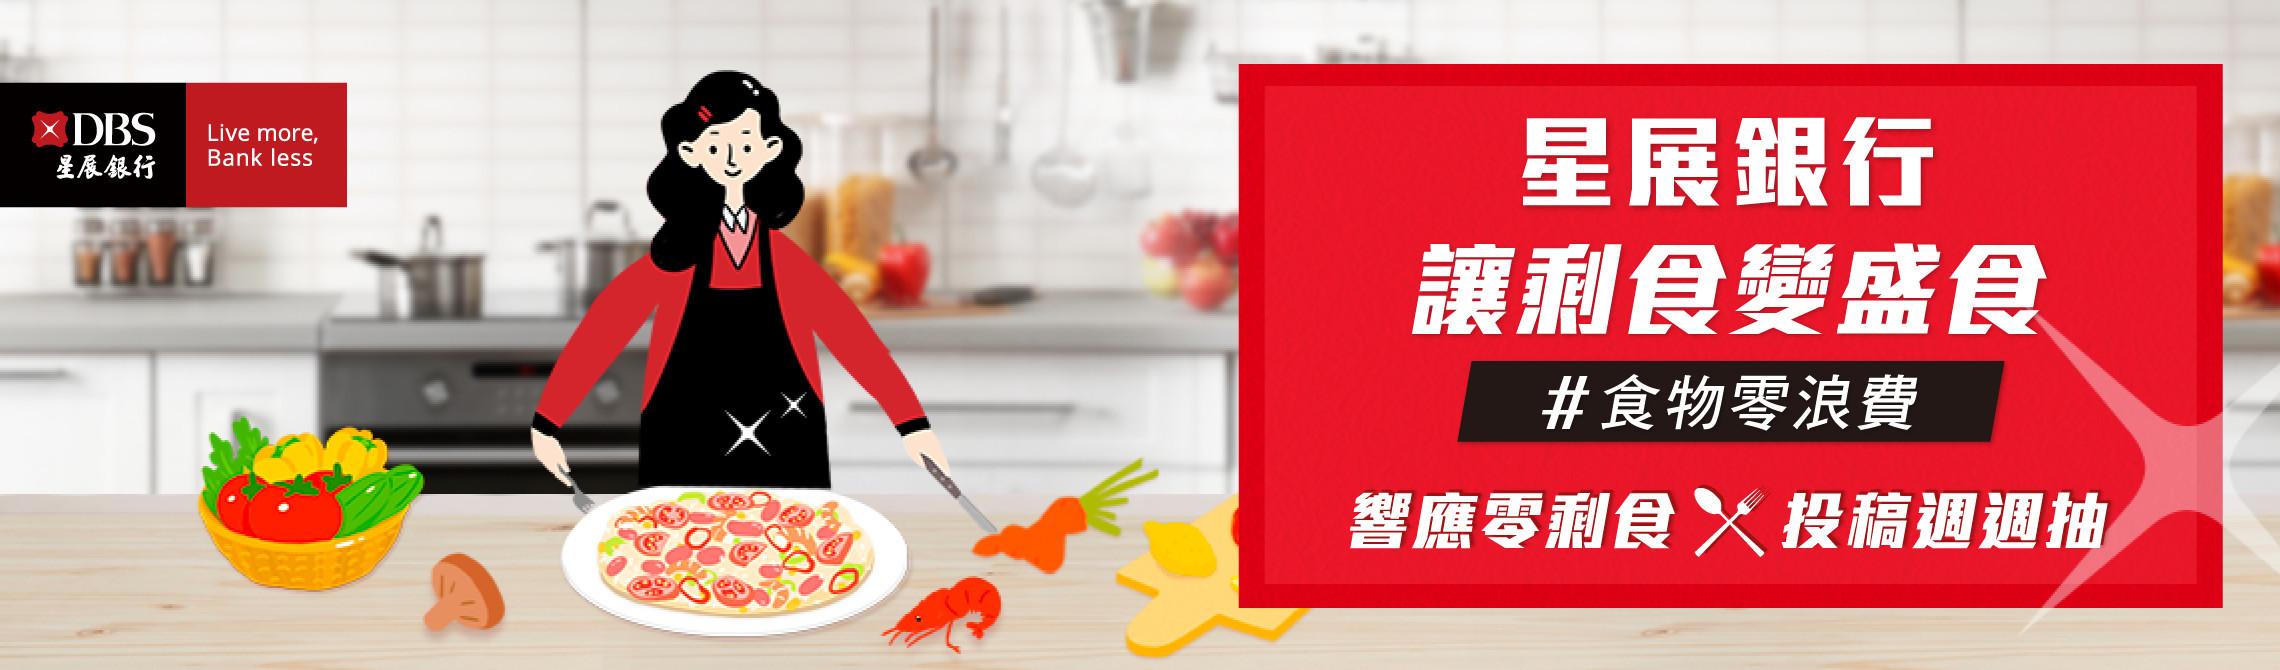 DBS食物零浪費 的個人封面